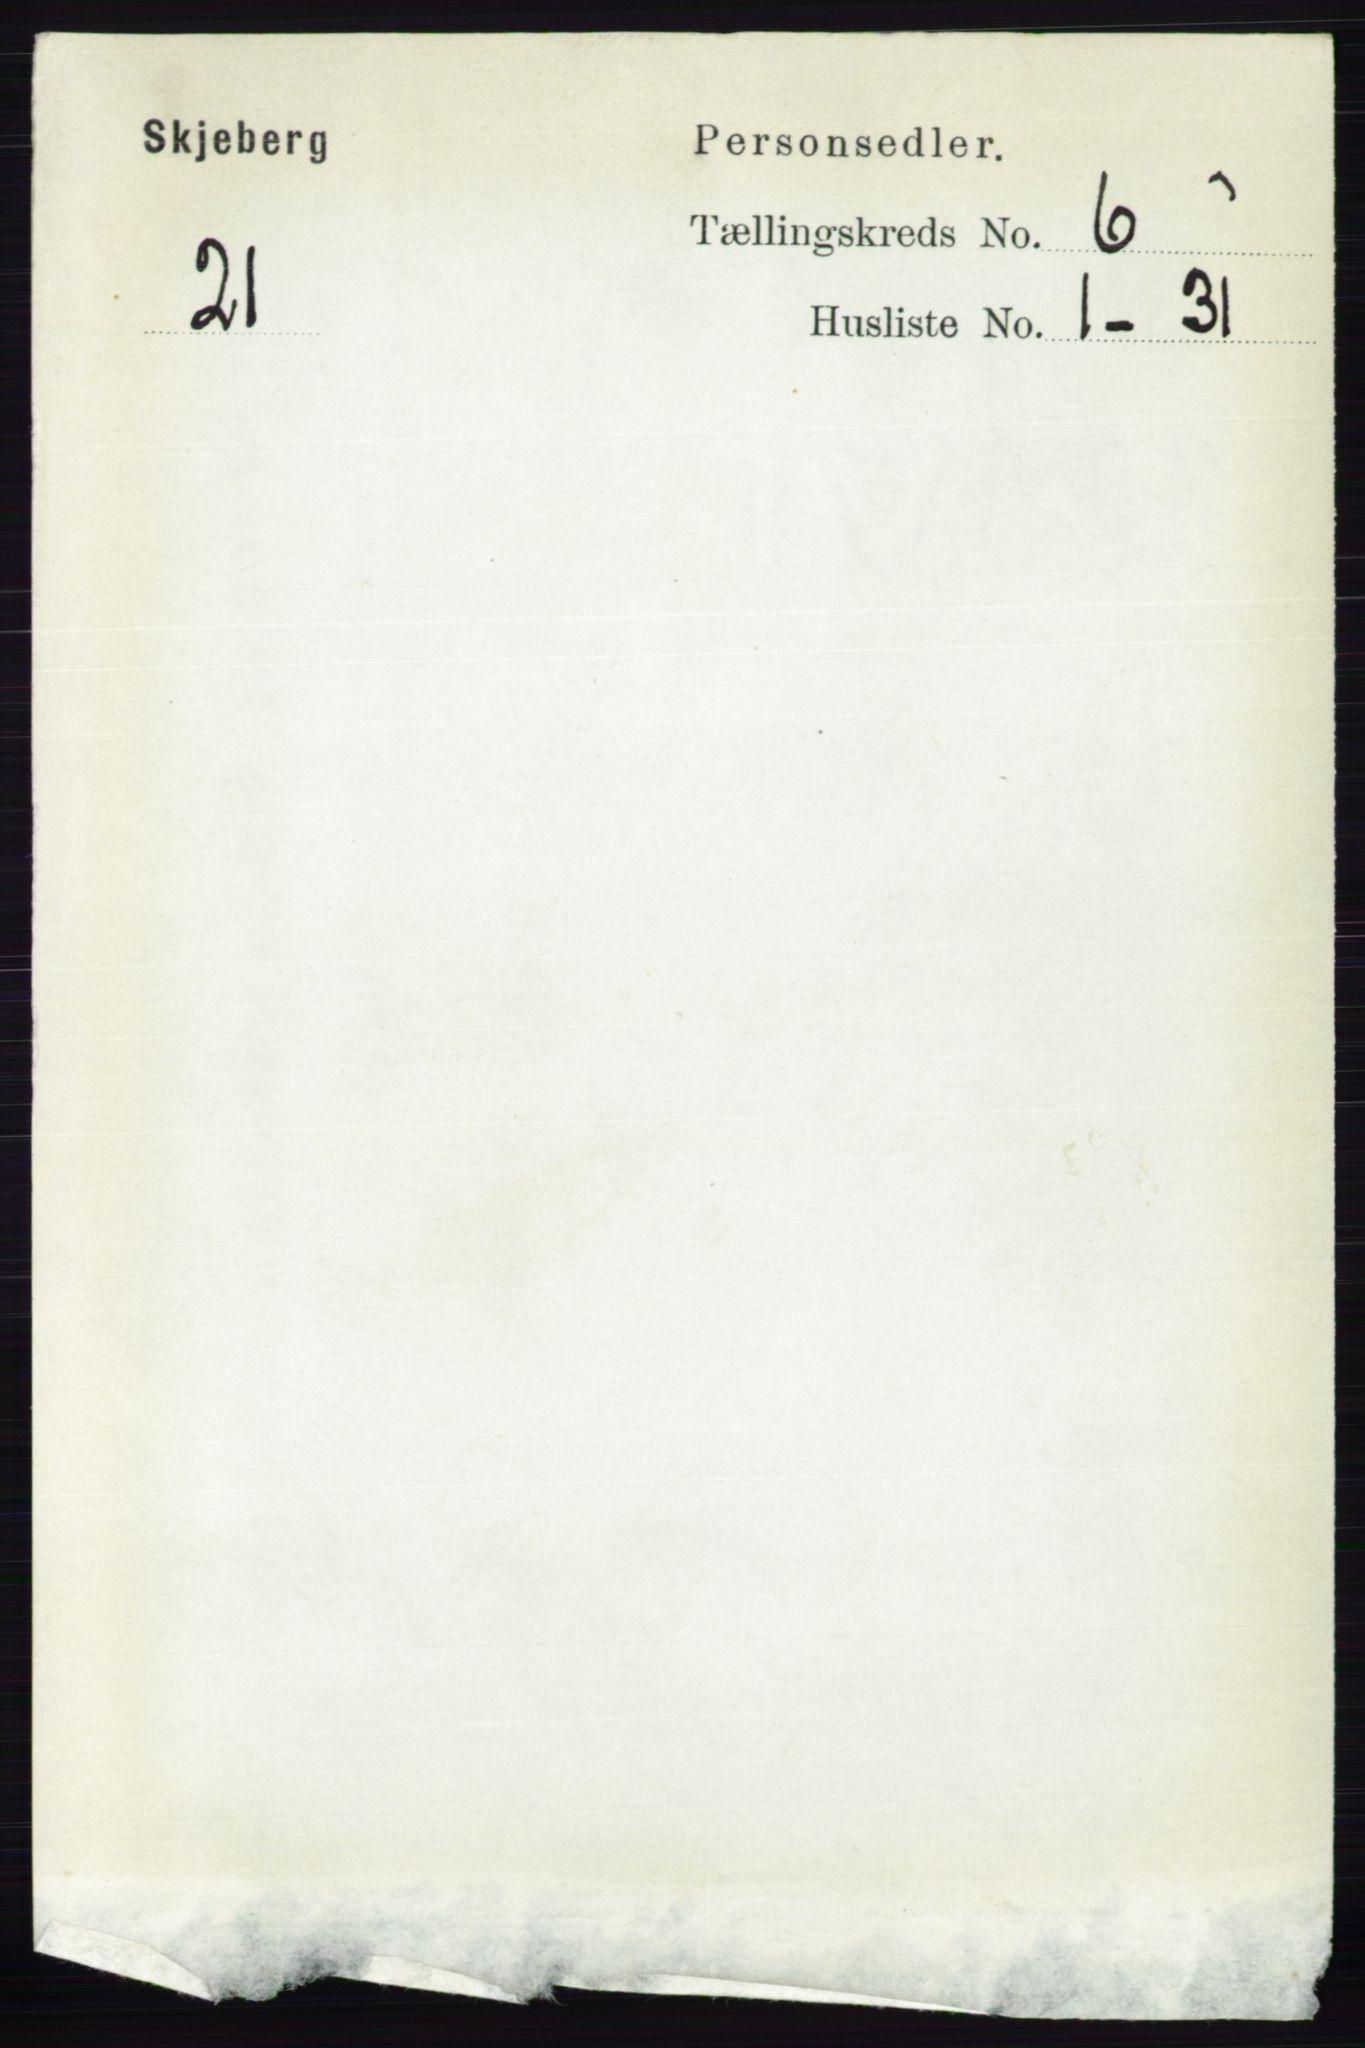 RA, Folketelling 1891 for 0115 Skjeberg herred, 1891, s. 2835